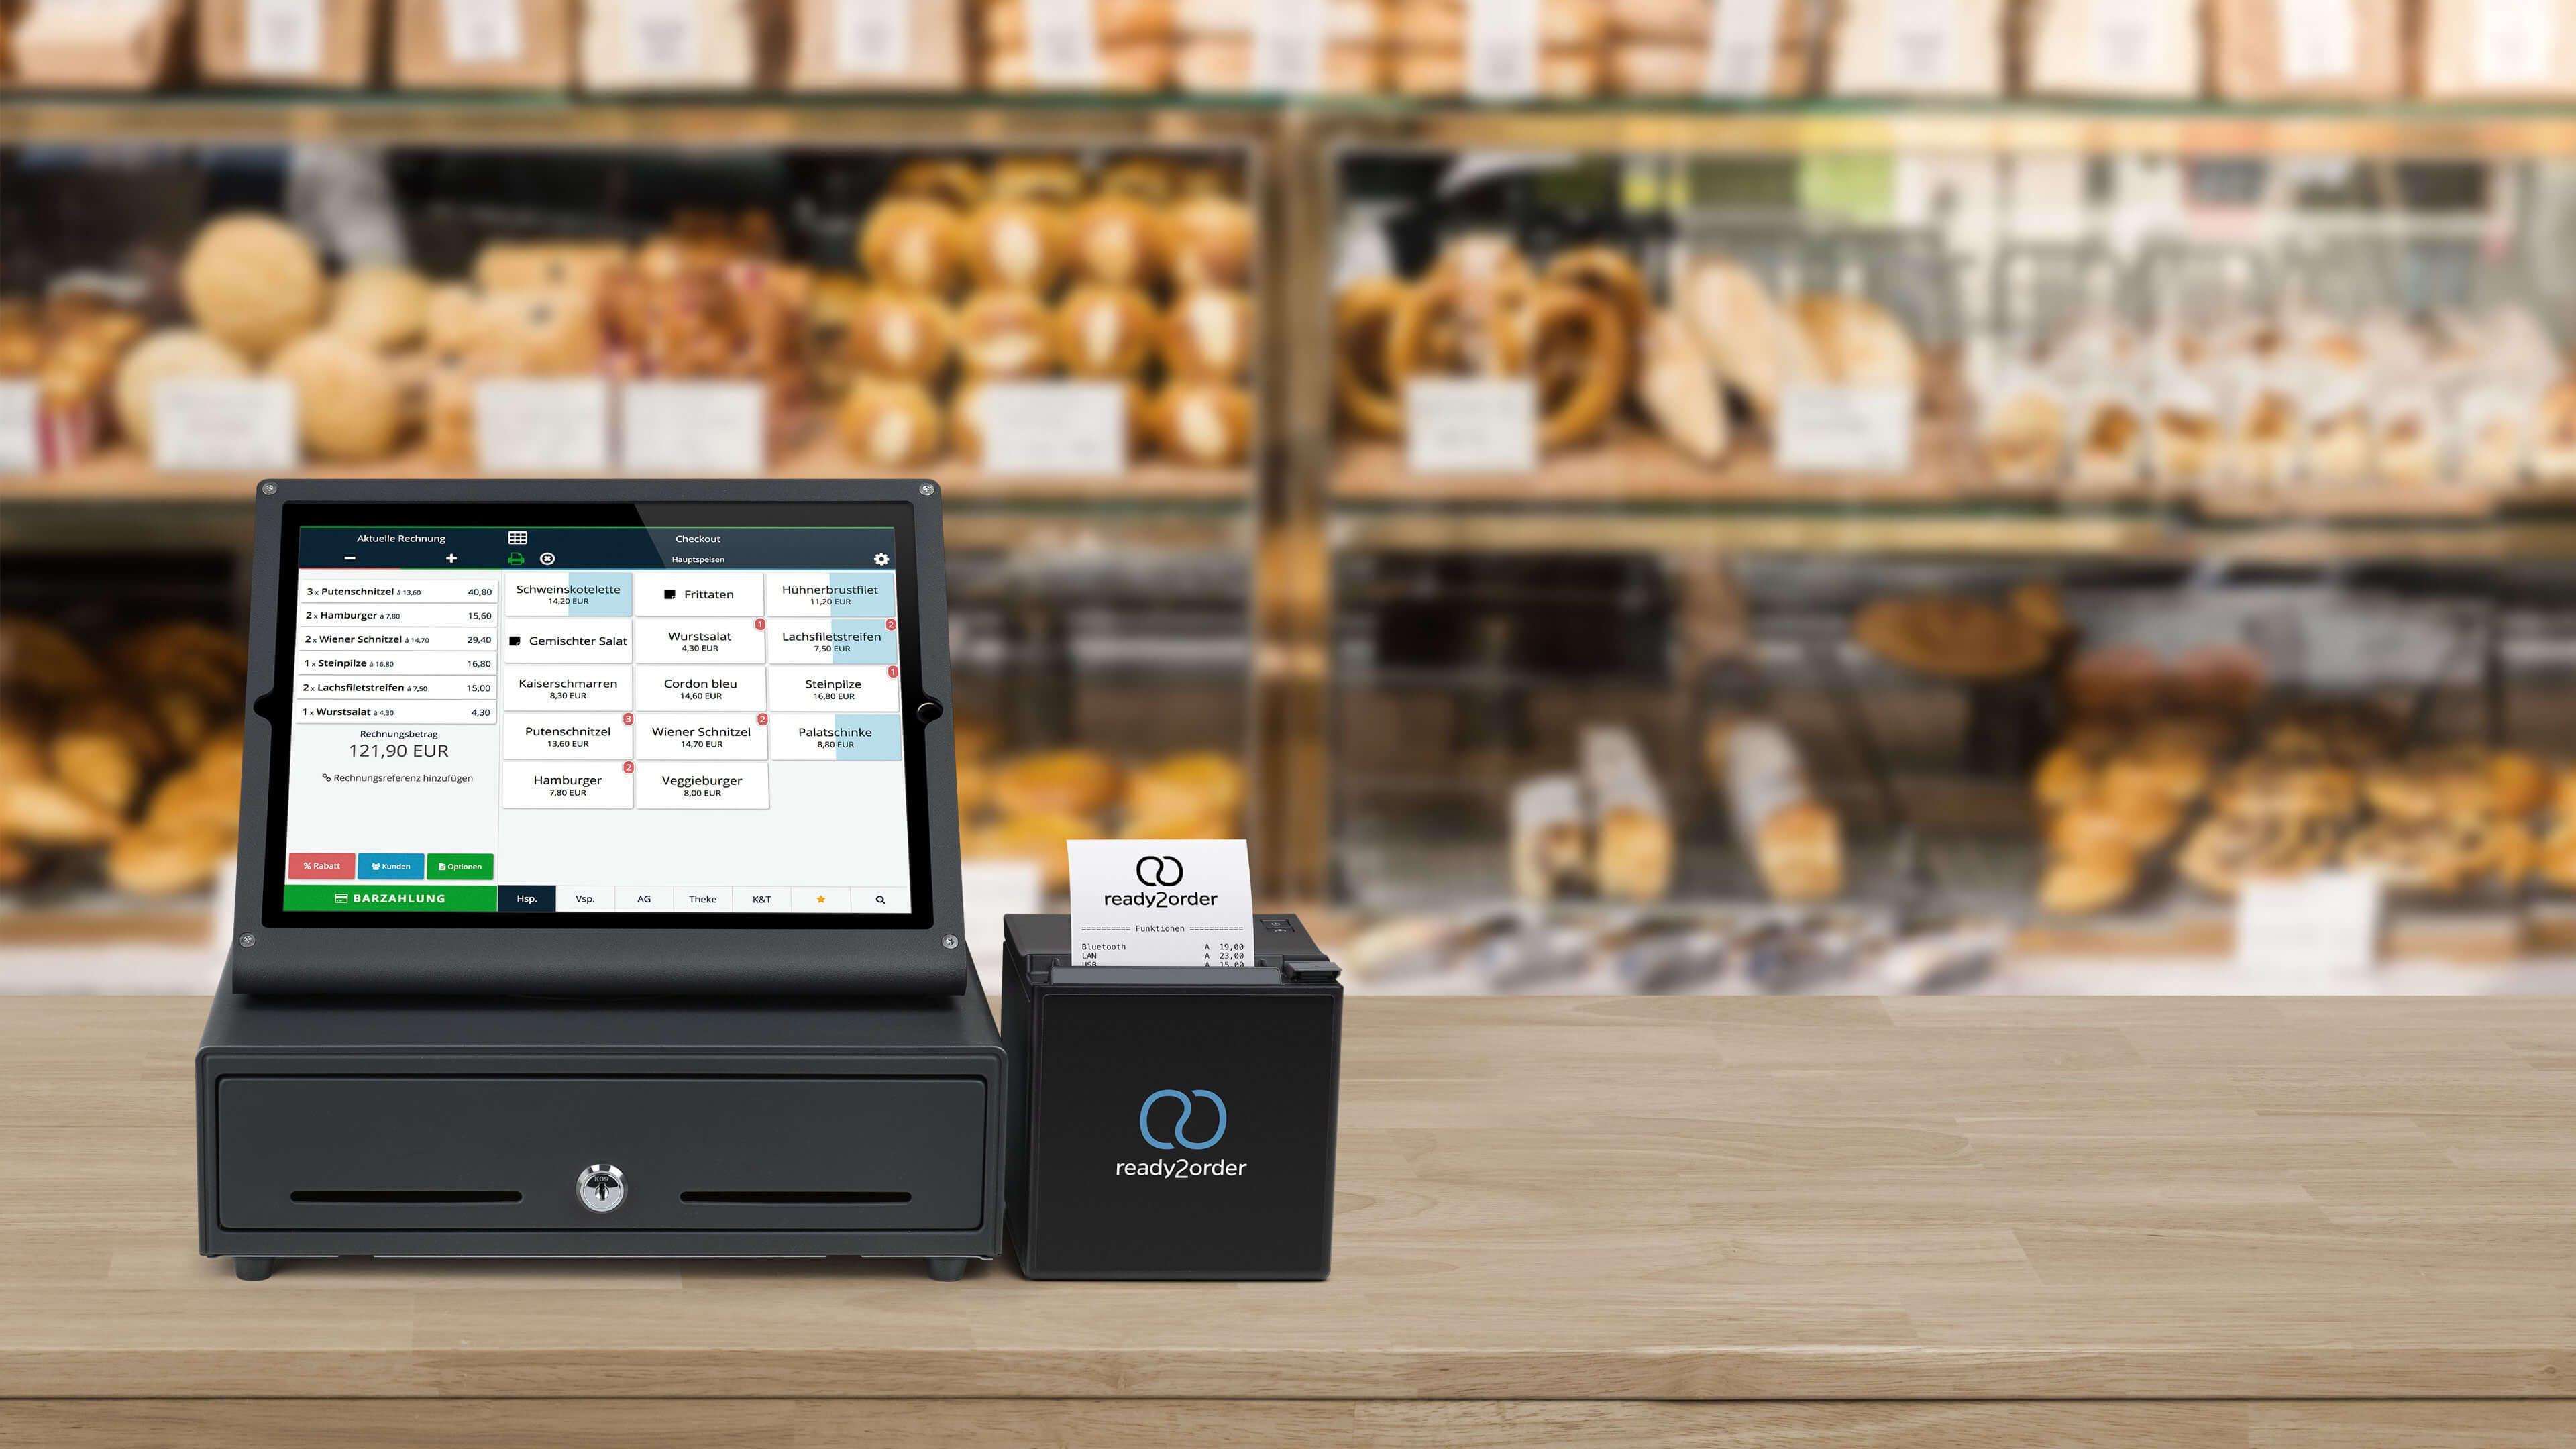 Kassensystem mit Lebensmittel im Hintergrund